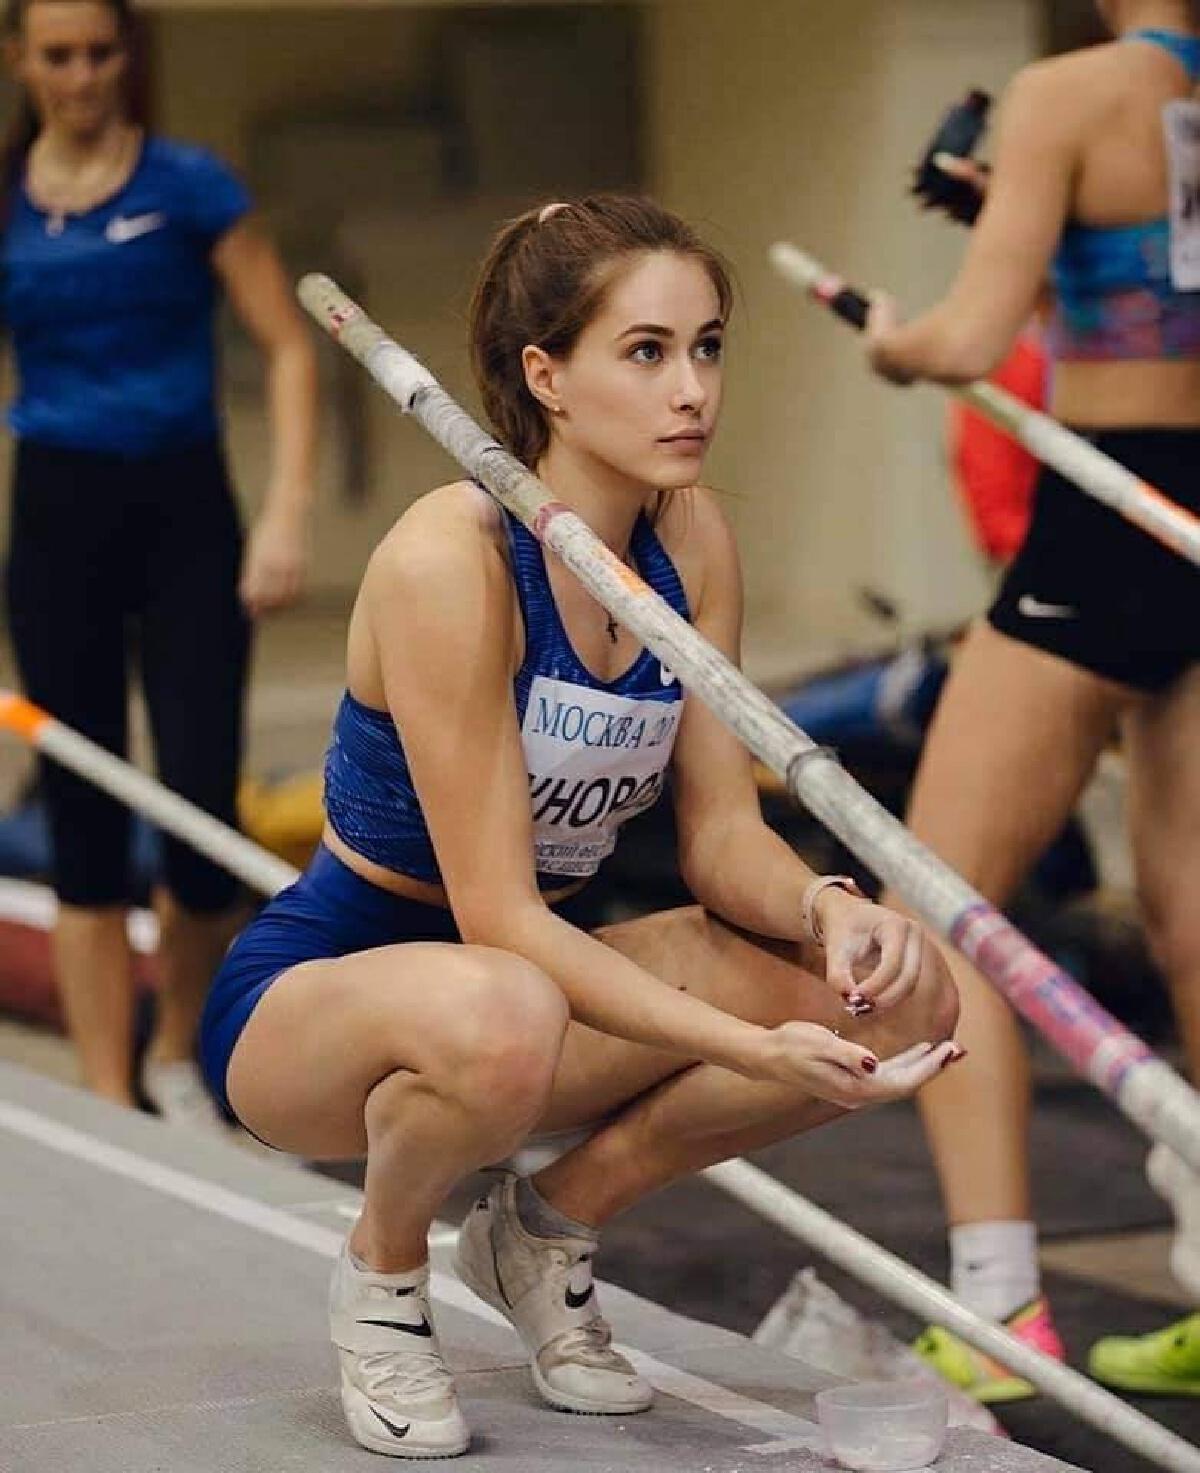 เปิดวาร์ป Polina Knoroz นักกีฬาสาวสวยโอลิมปิก 2020 (อัลบั้มภาพ)